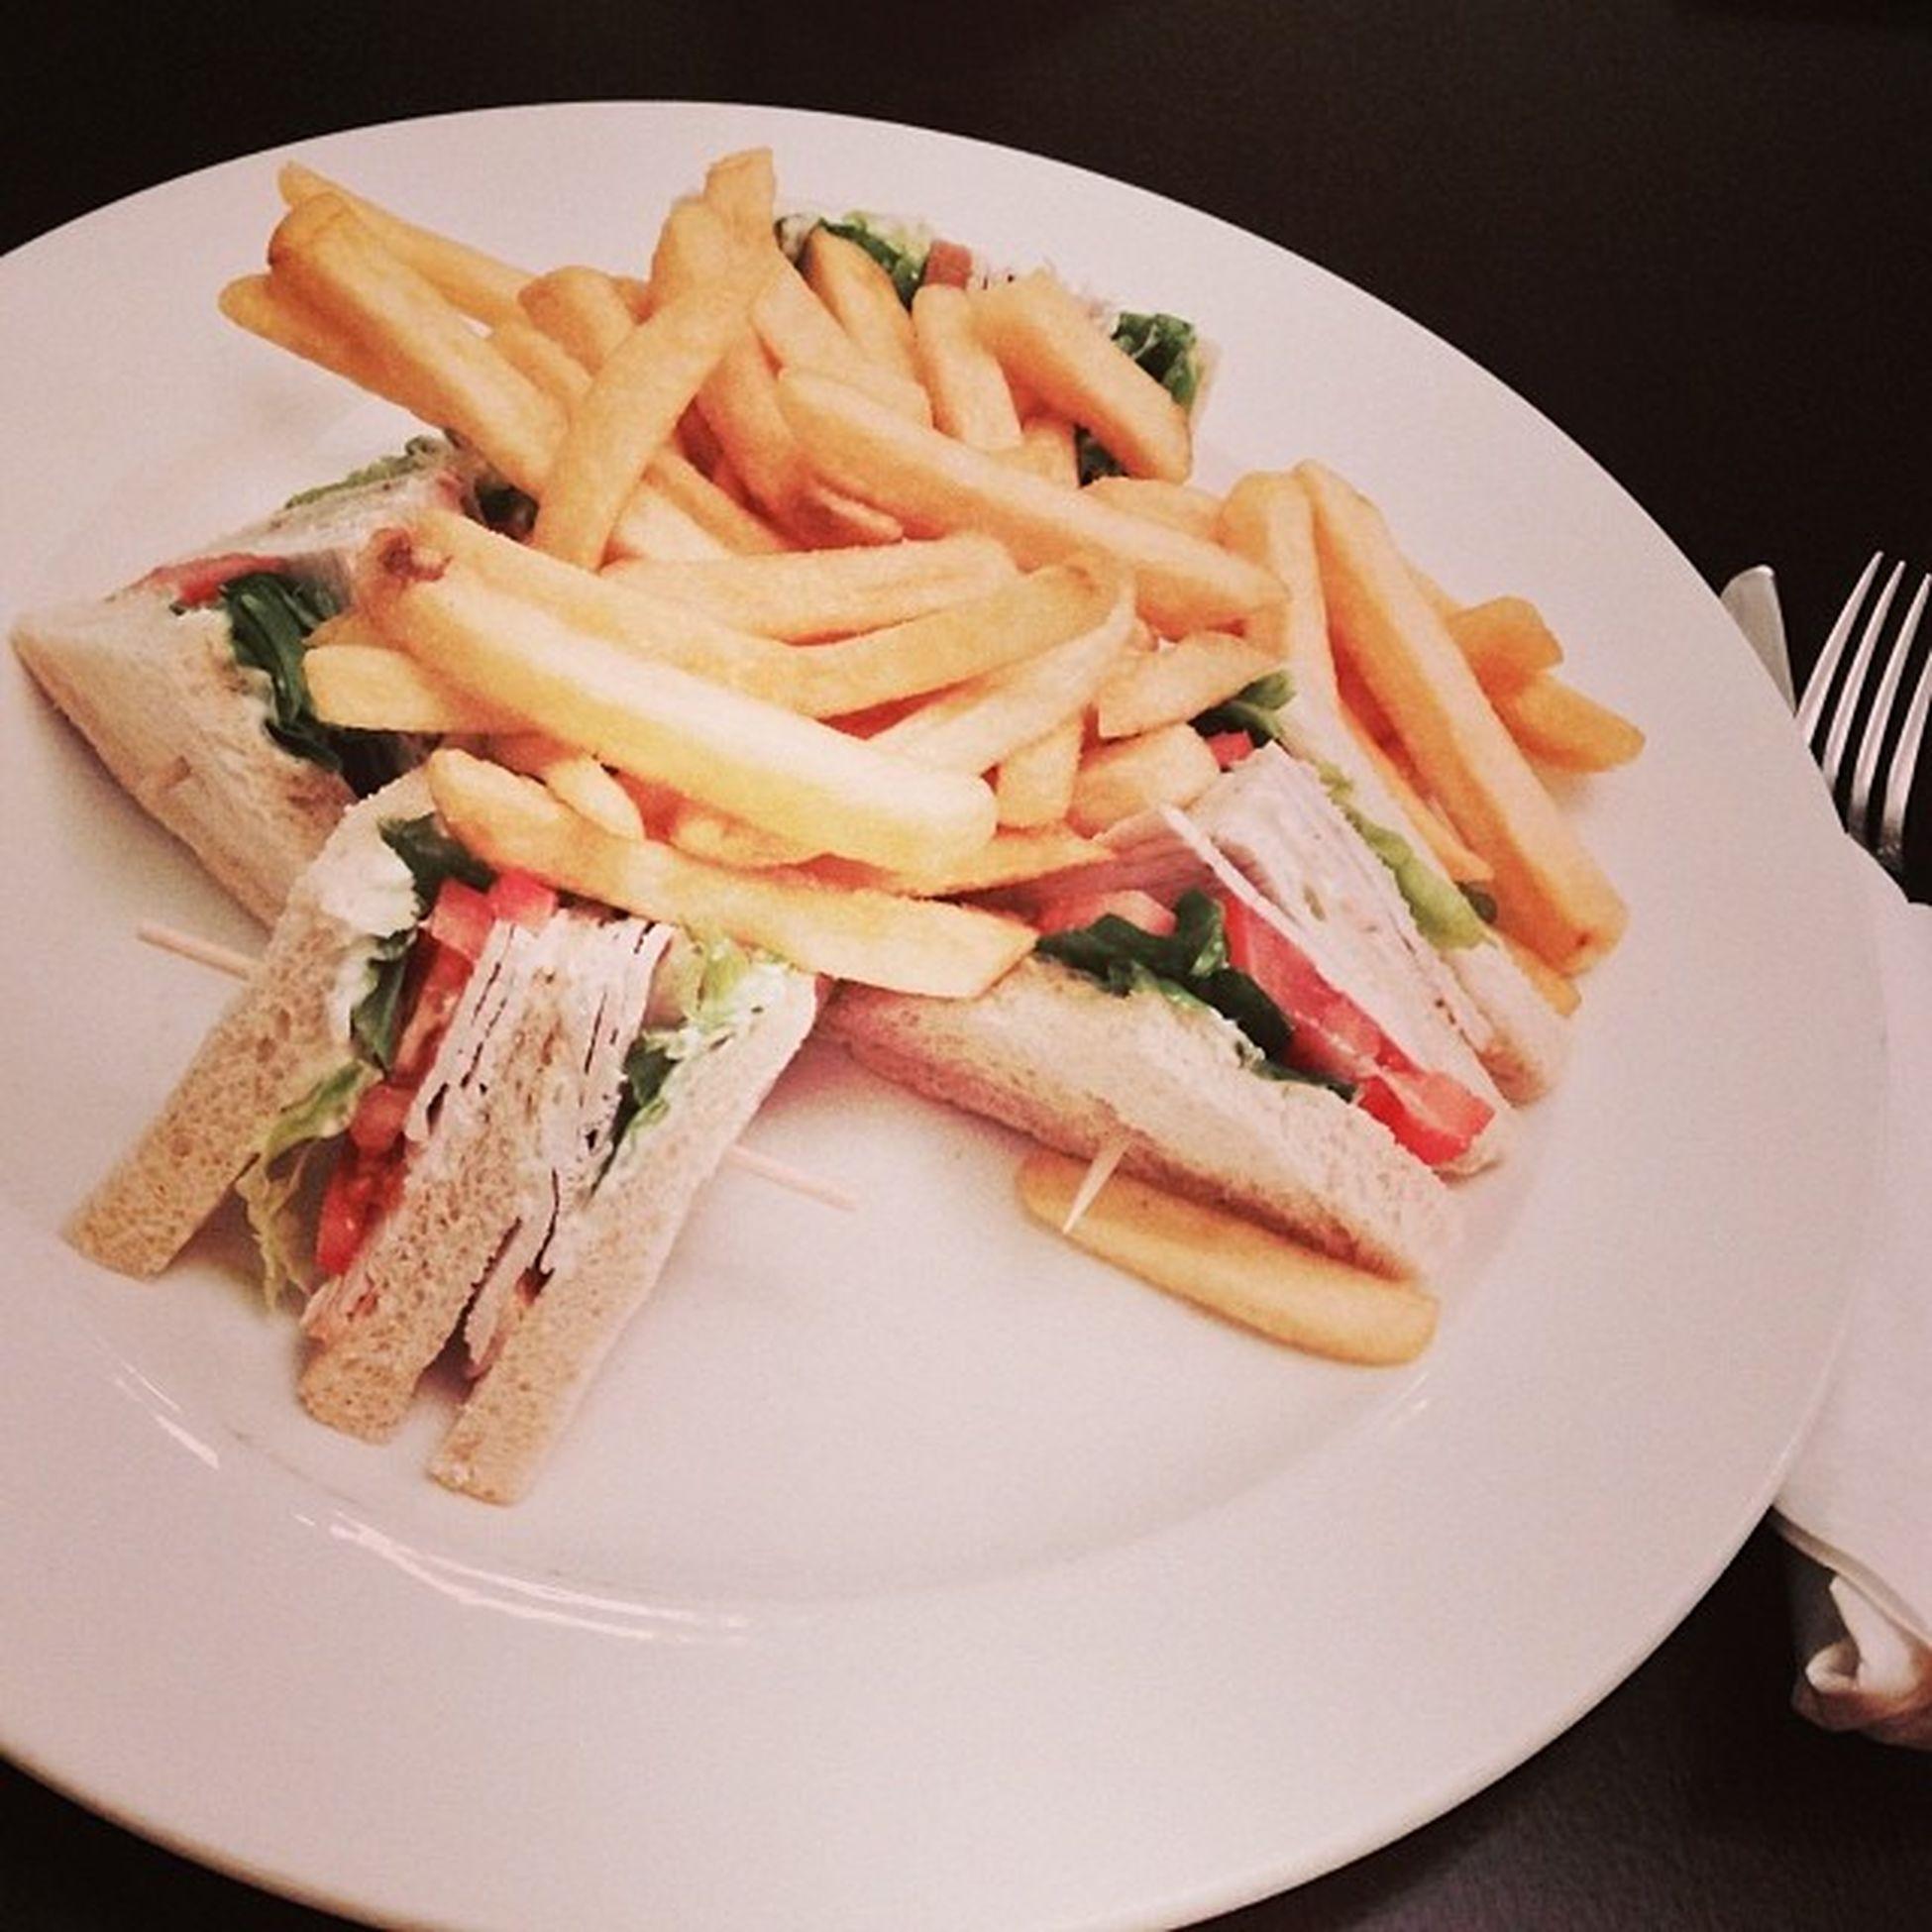 So ein Turkey Sandwich geht immer... #mahlzeit Mahlzeit